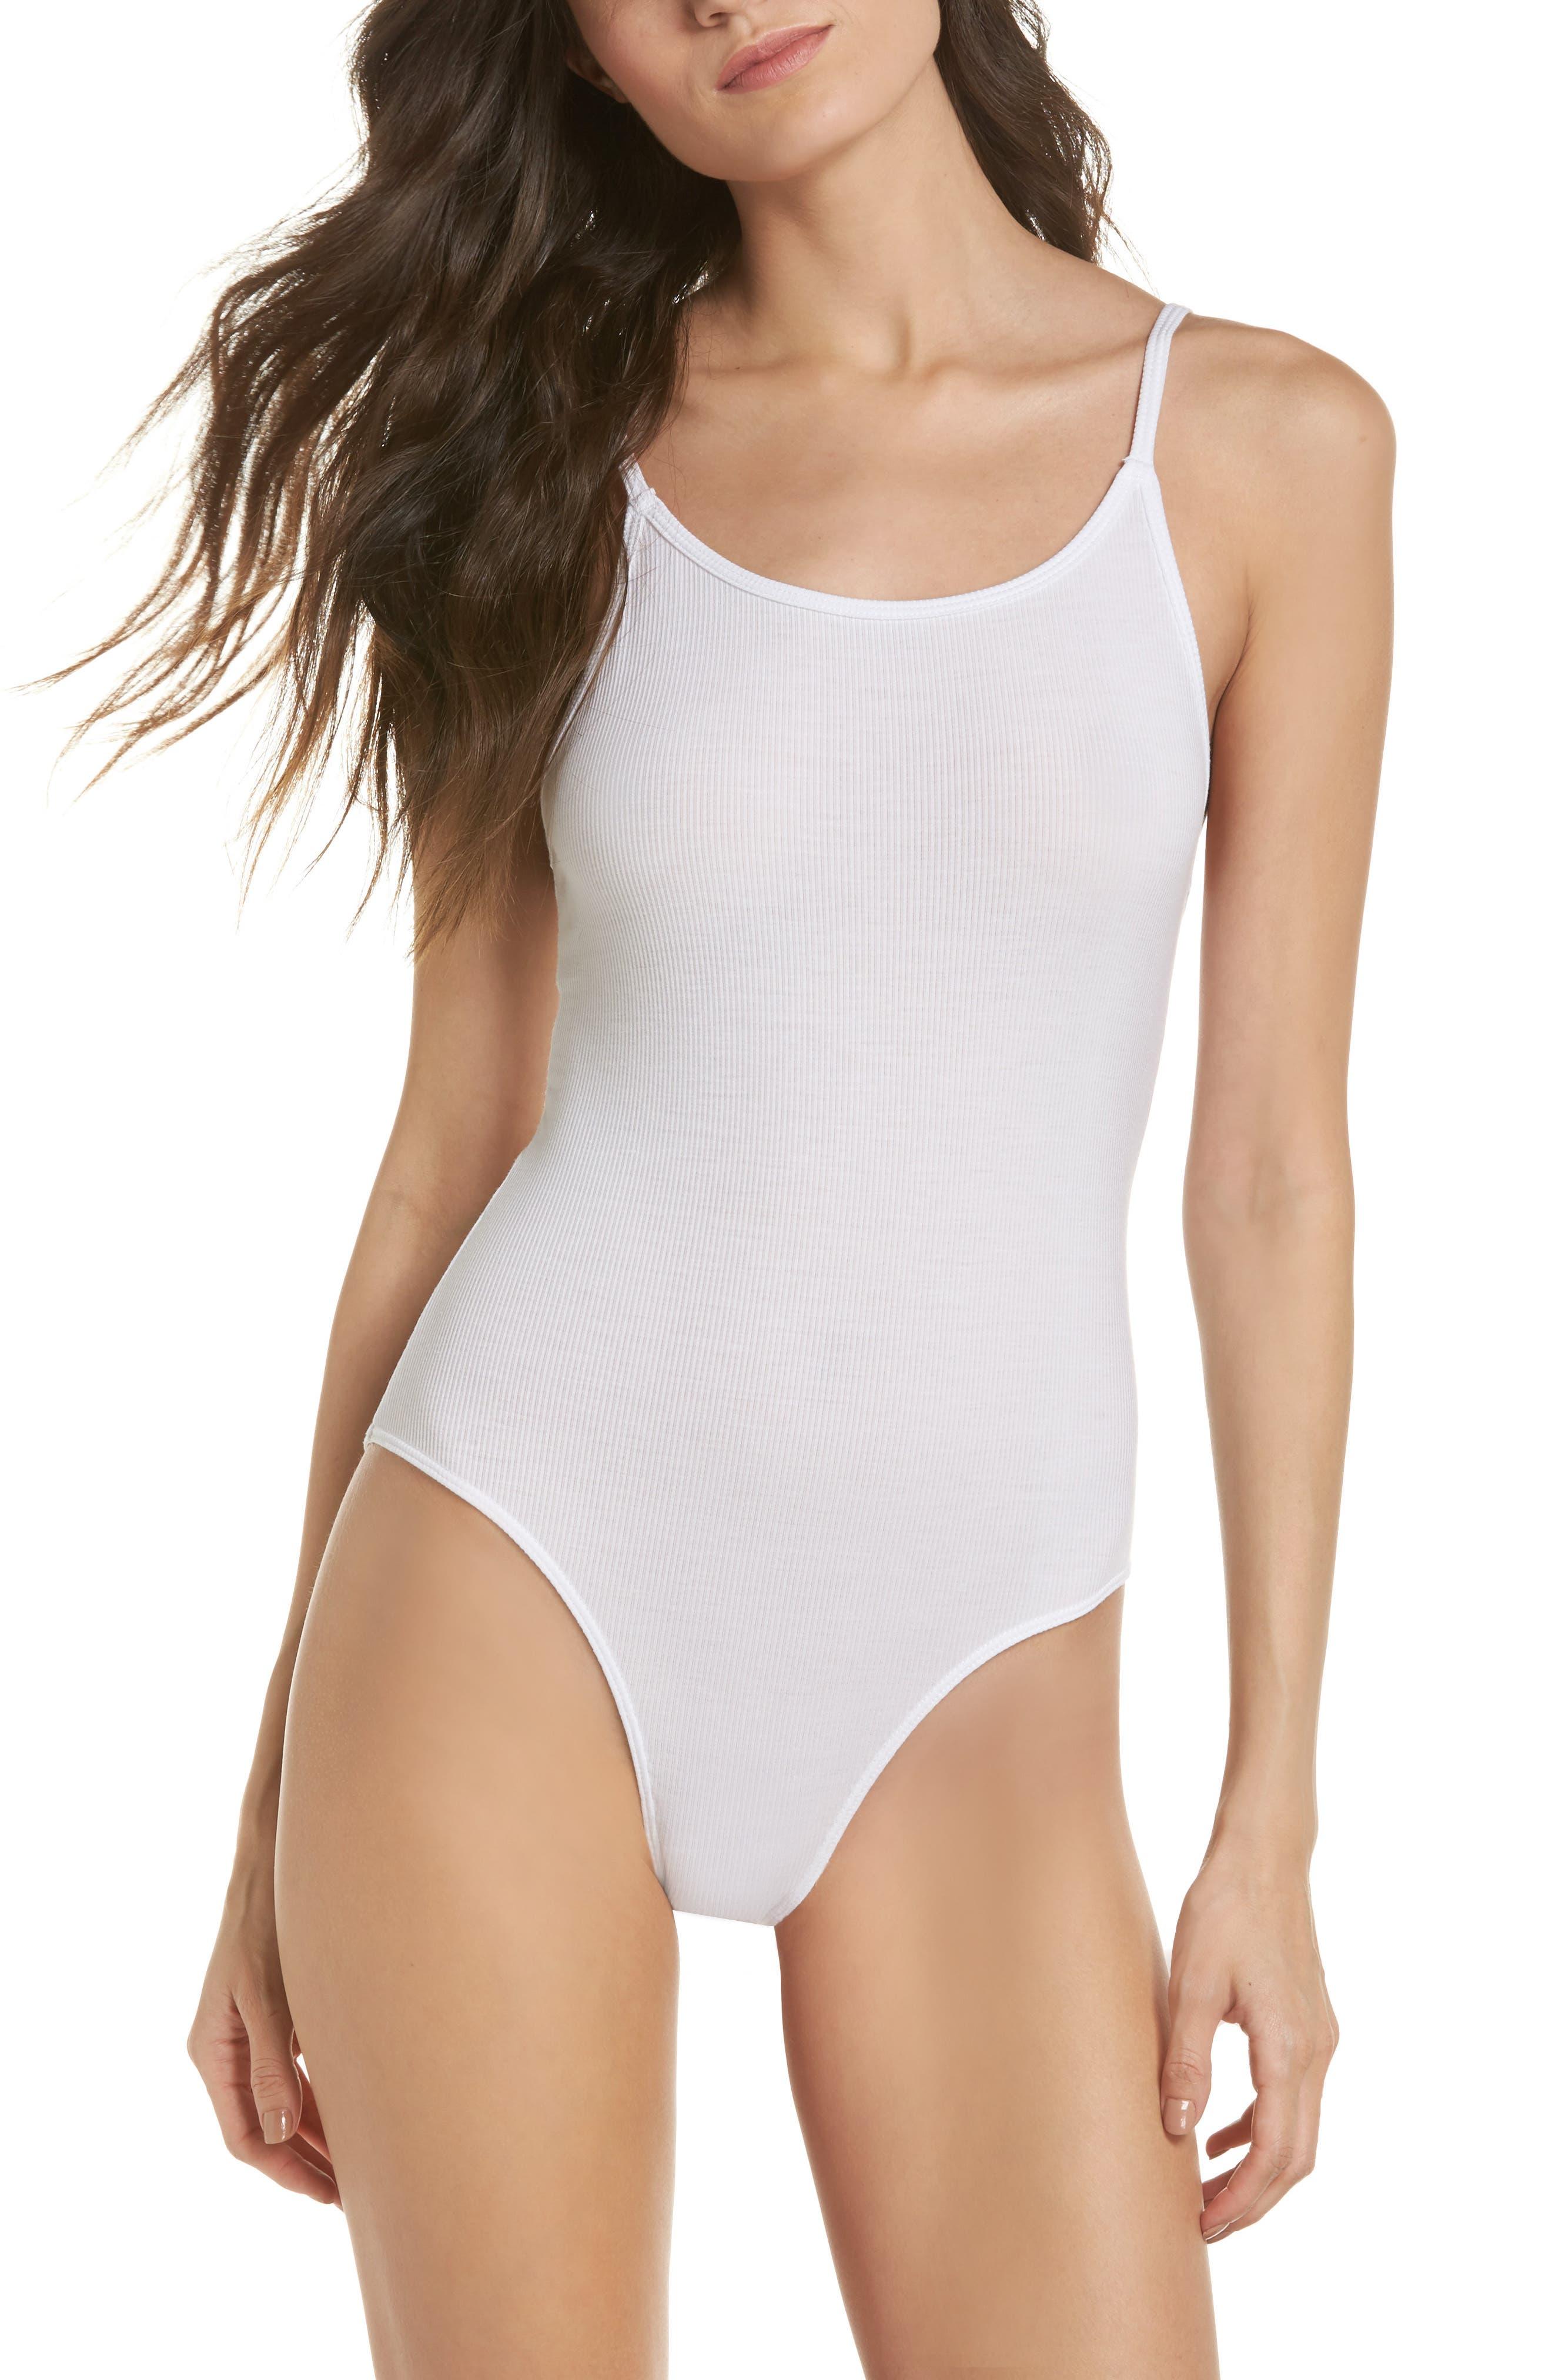 Honeydew Intimates Ribbed Bodysuit